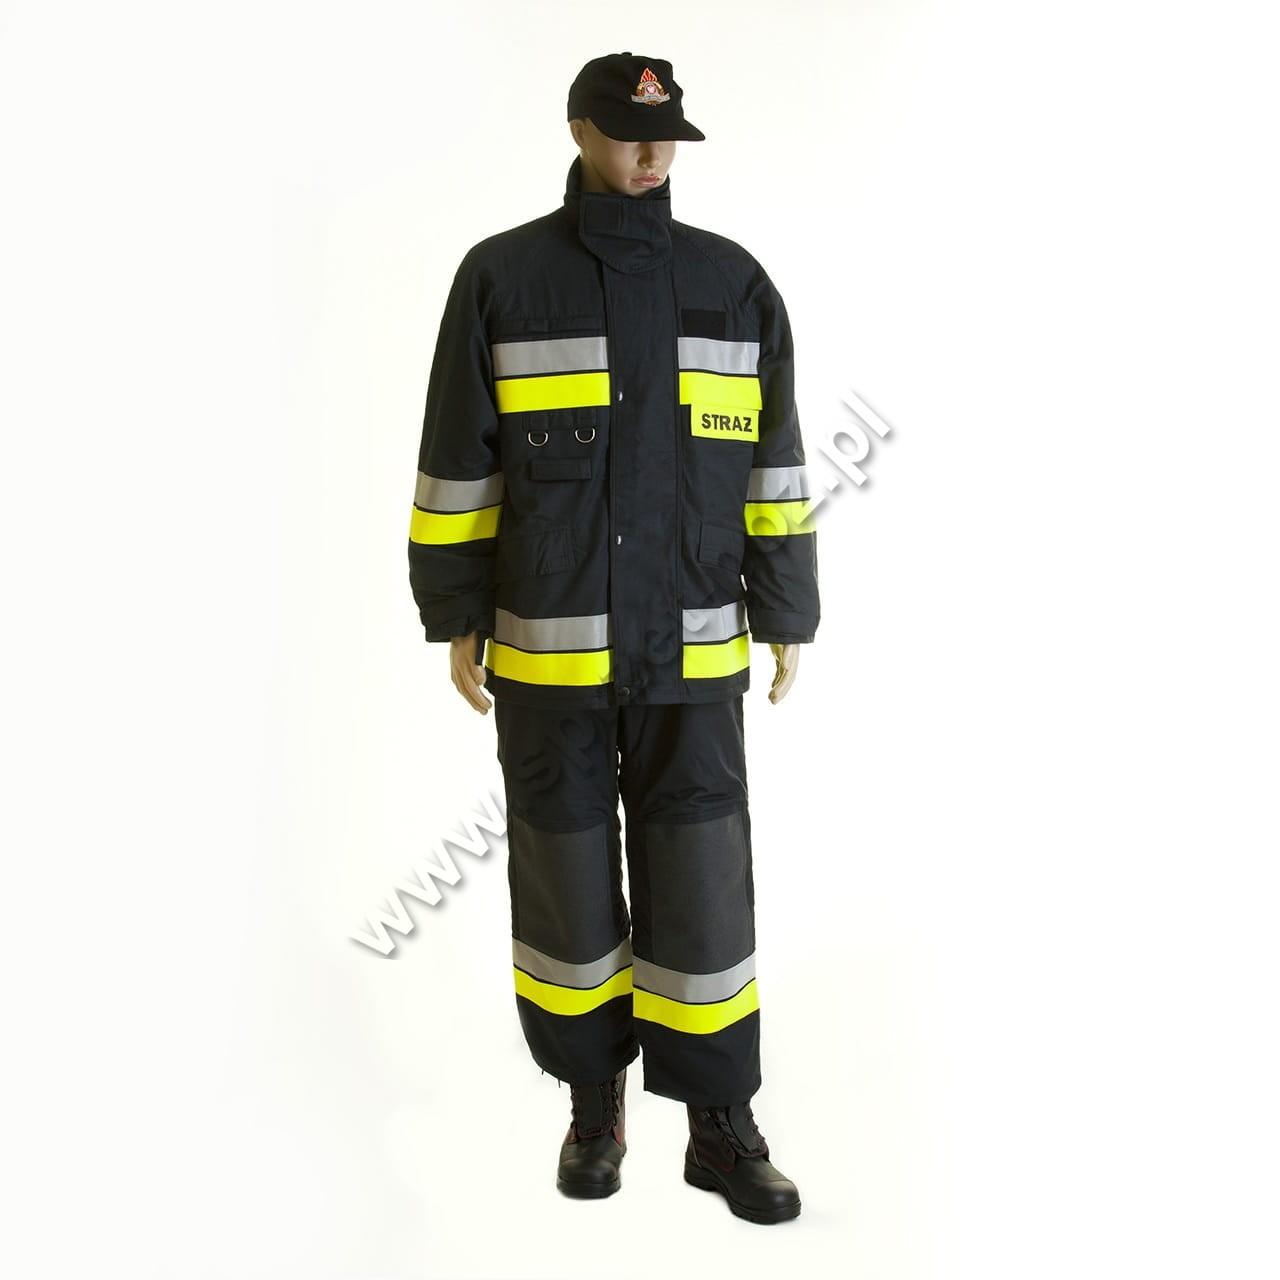 b29083834d1887 Ubranie specjalne strażaka GARDA - Sprzęt-Poż - kompleksowe ...